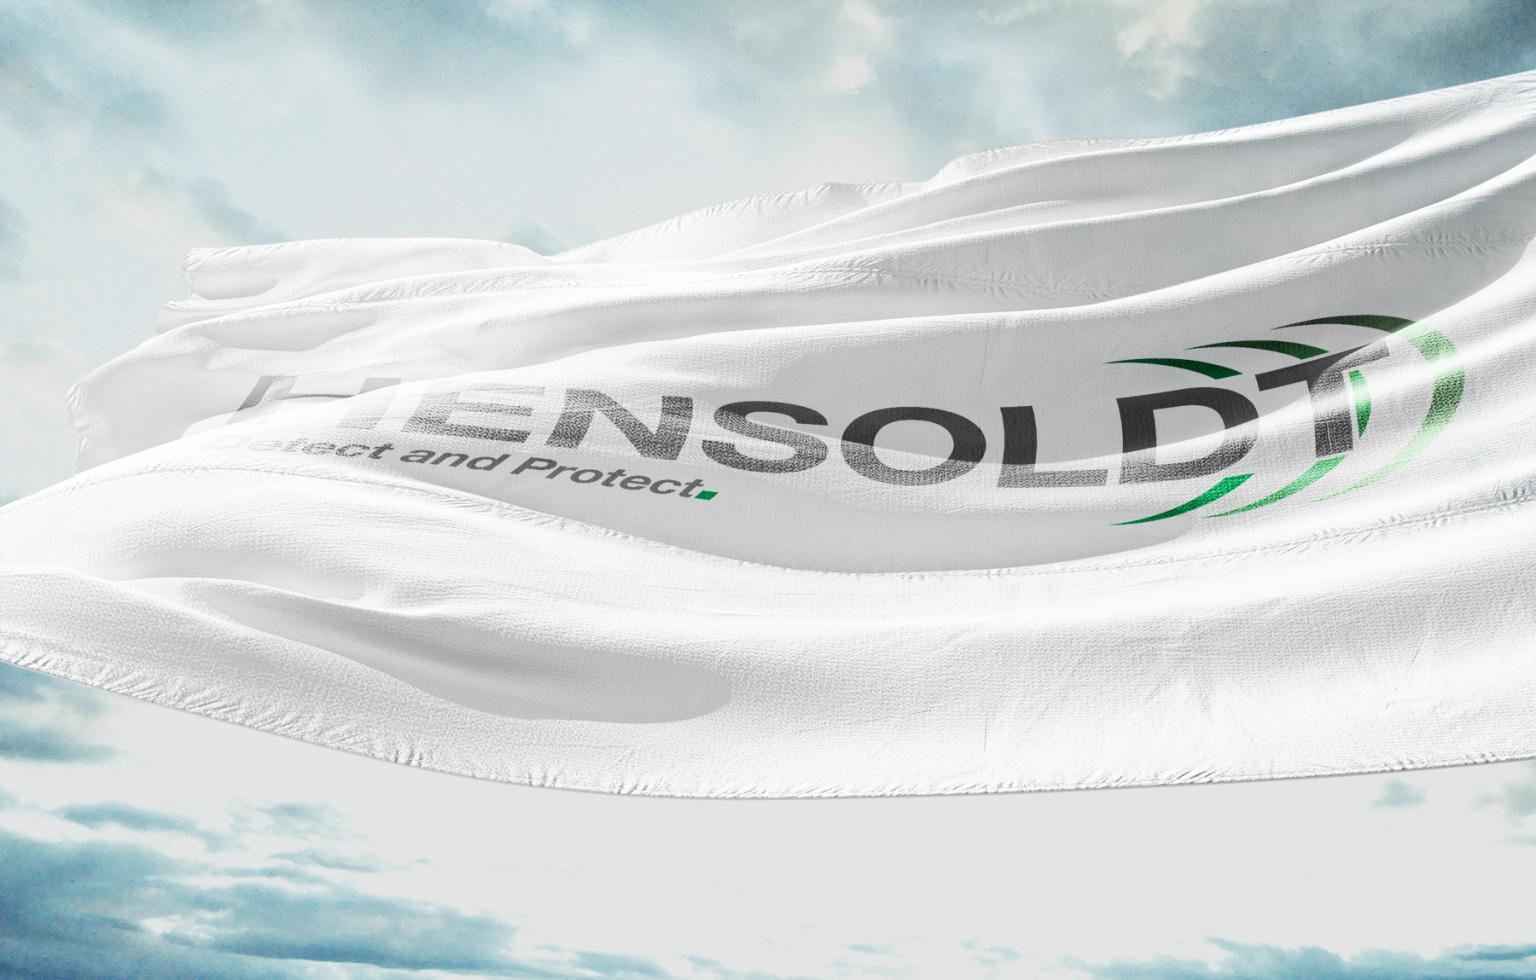 萊昂納多(前身為Finmeccanica)是否會加入德國的亨索德?